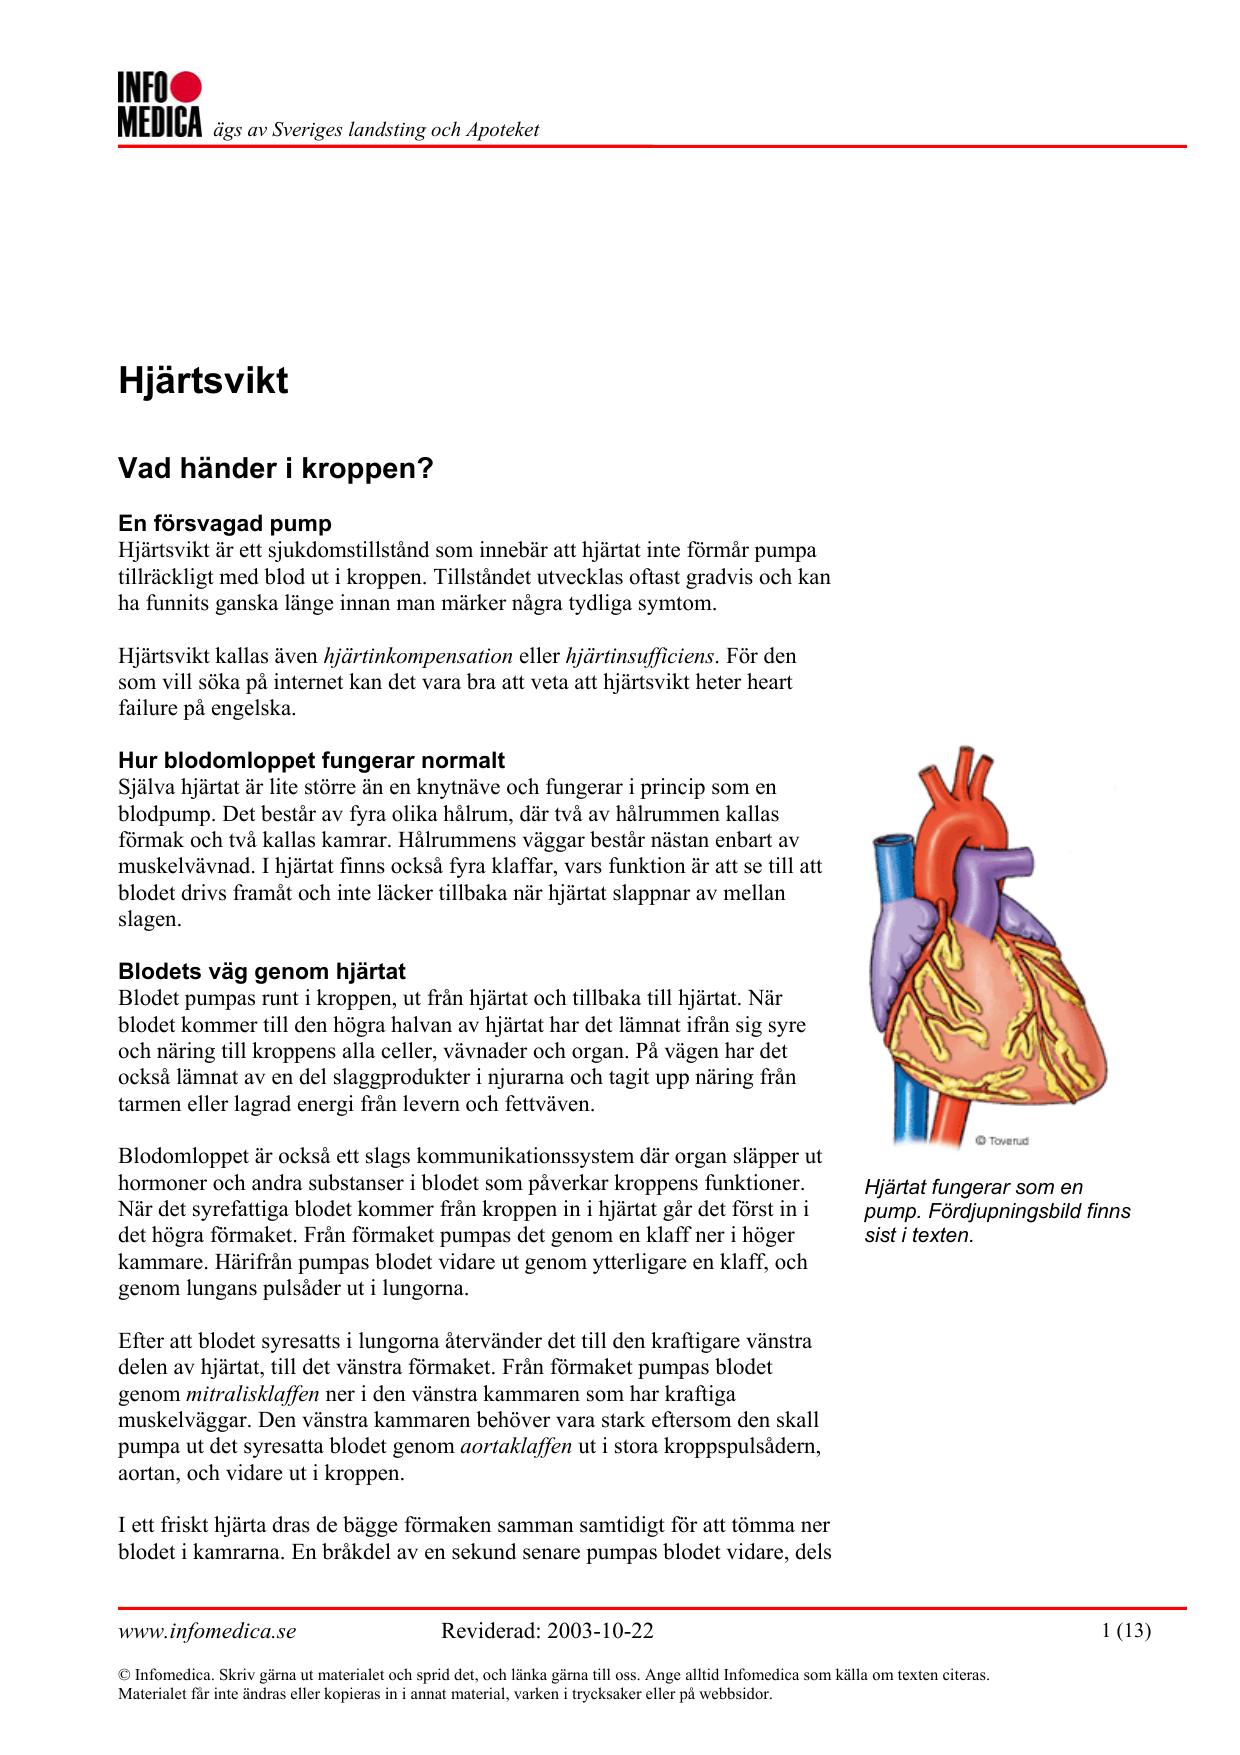 vad innebär hjärtsvikt